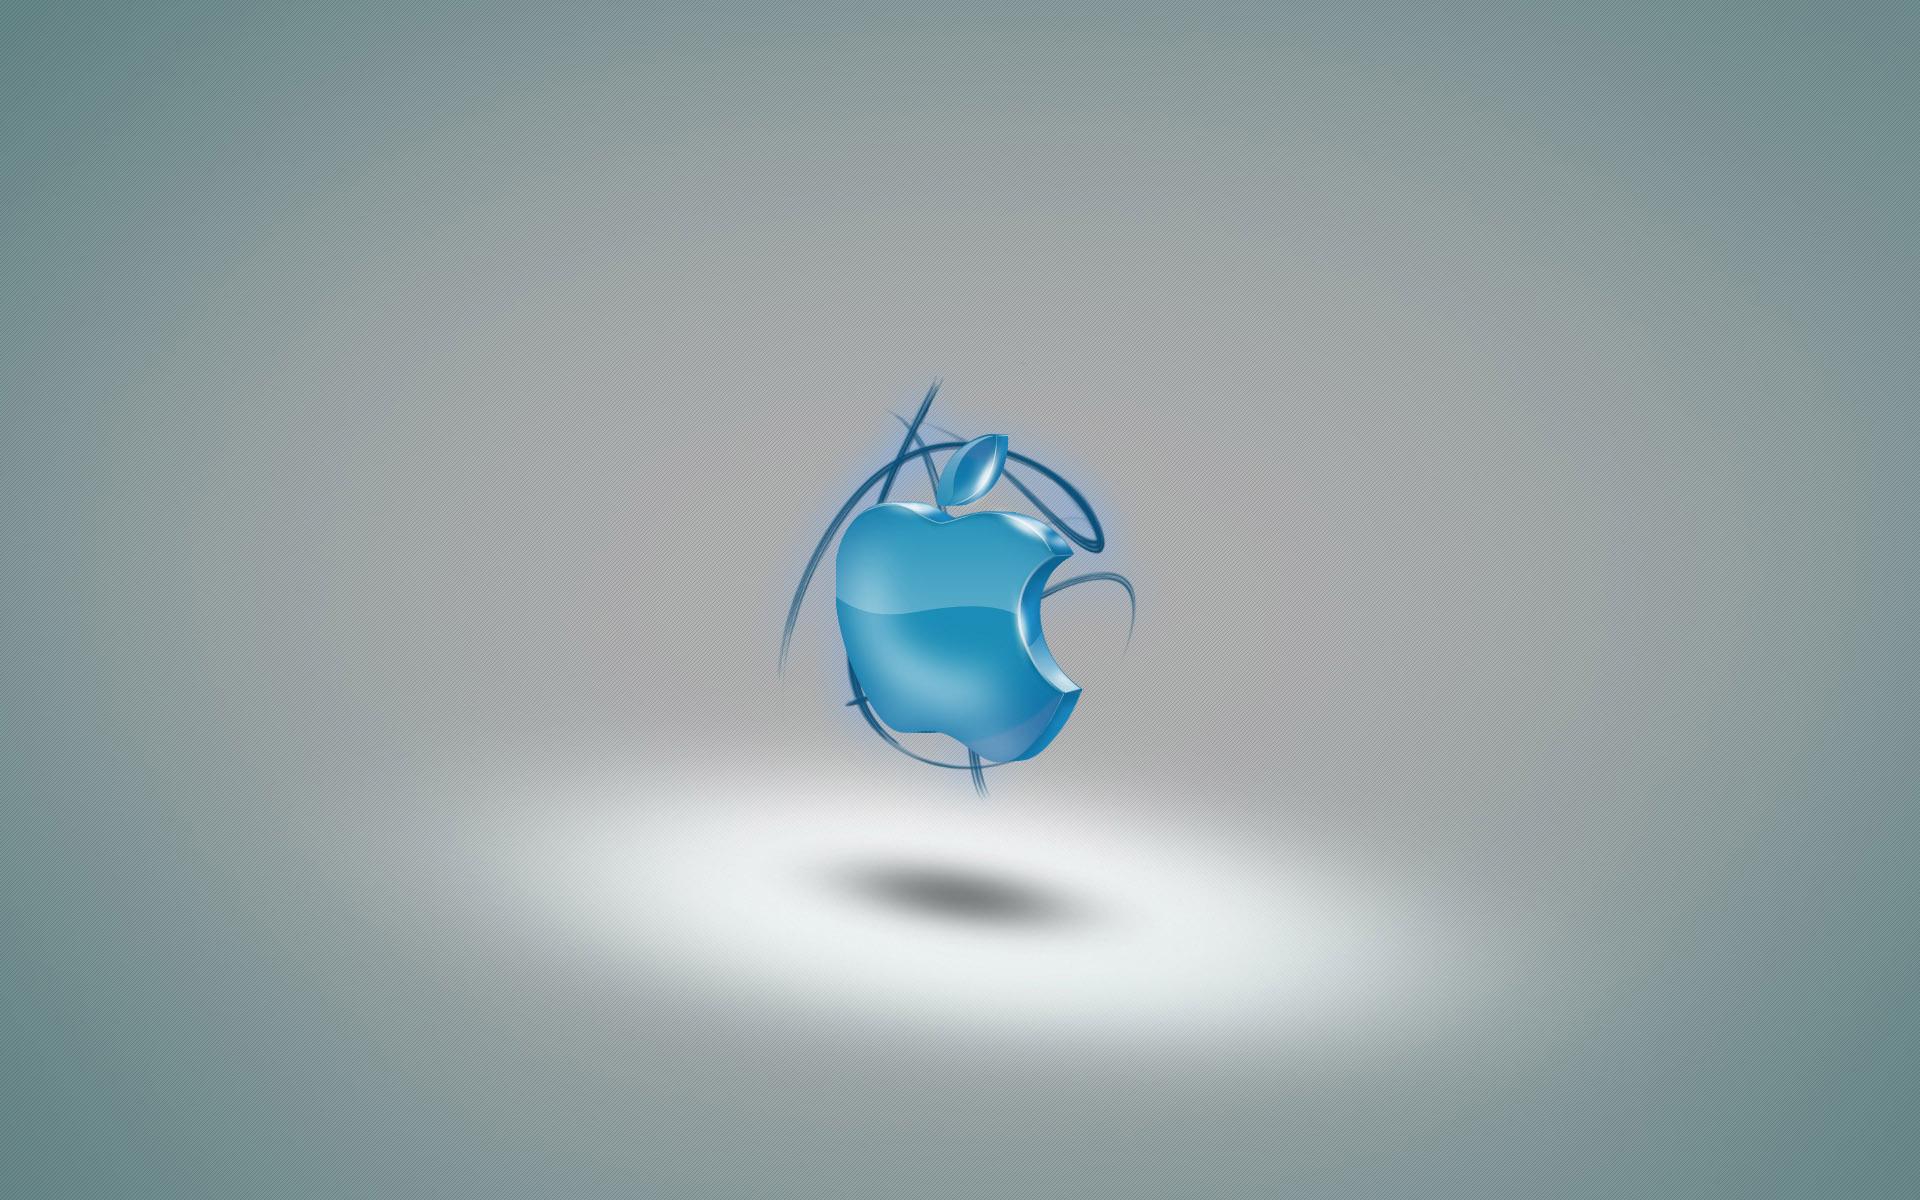 Wallpaper apple mac animaatjes 0 Wallpaper 1920x1200